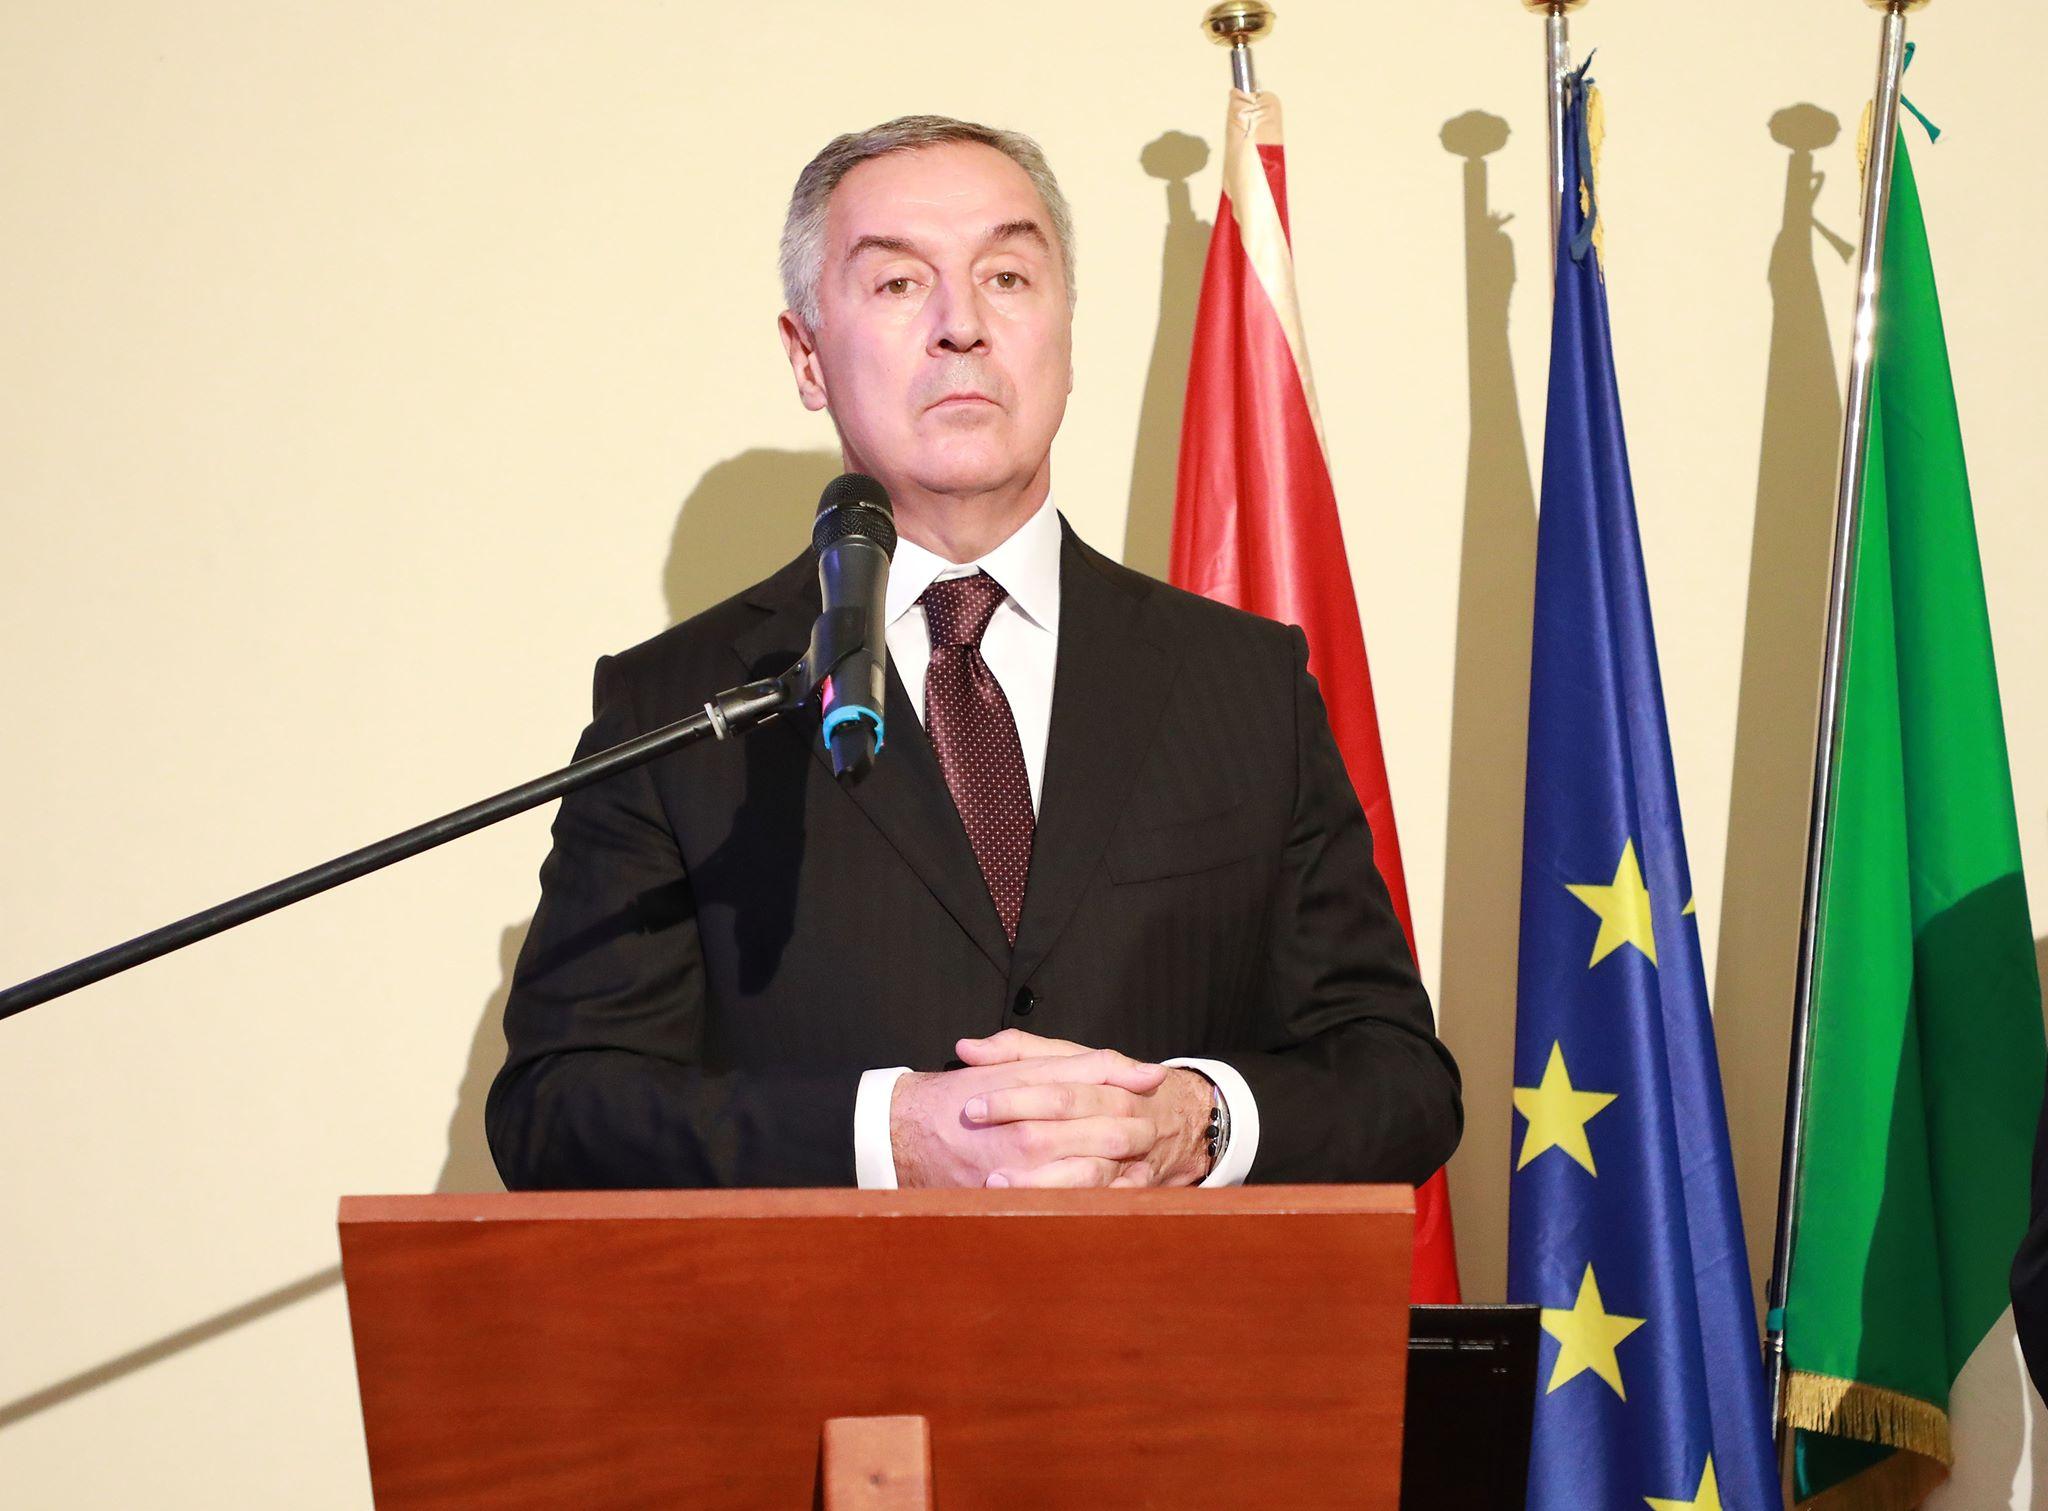 Ђукановић: Допало се то некоме или не, обновићемо аутокефалност Црногорске цркве и исправити историјску неправду